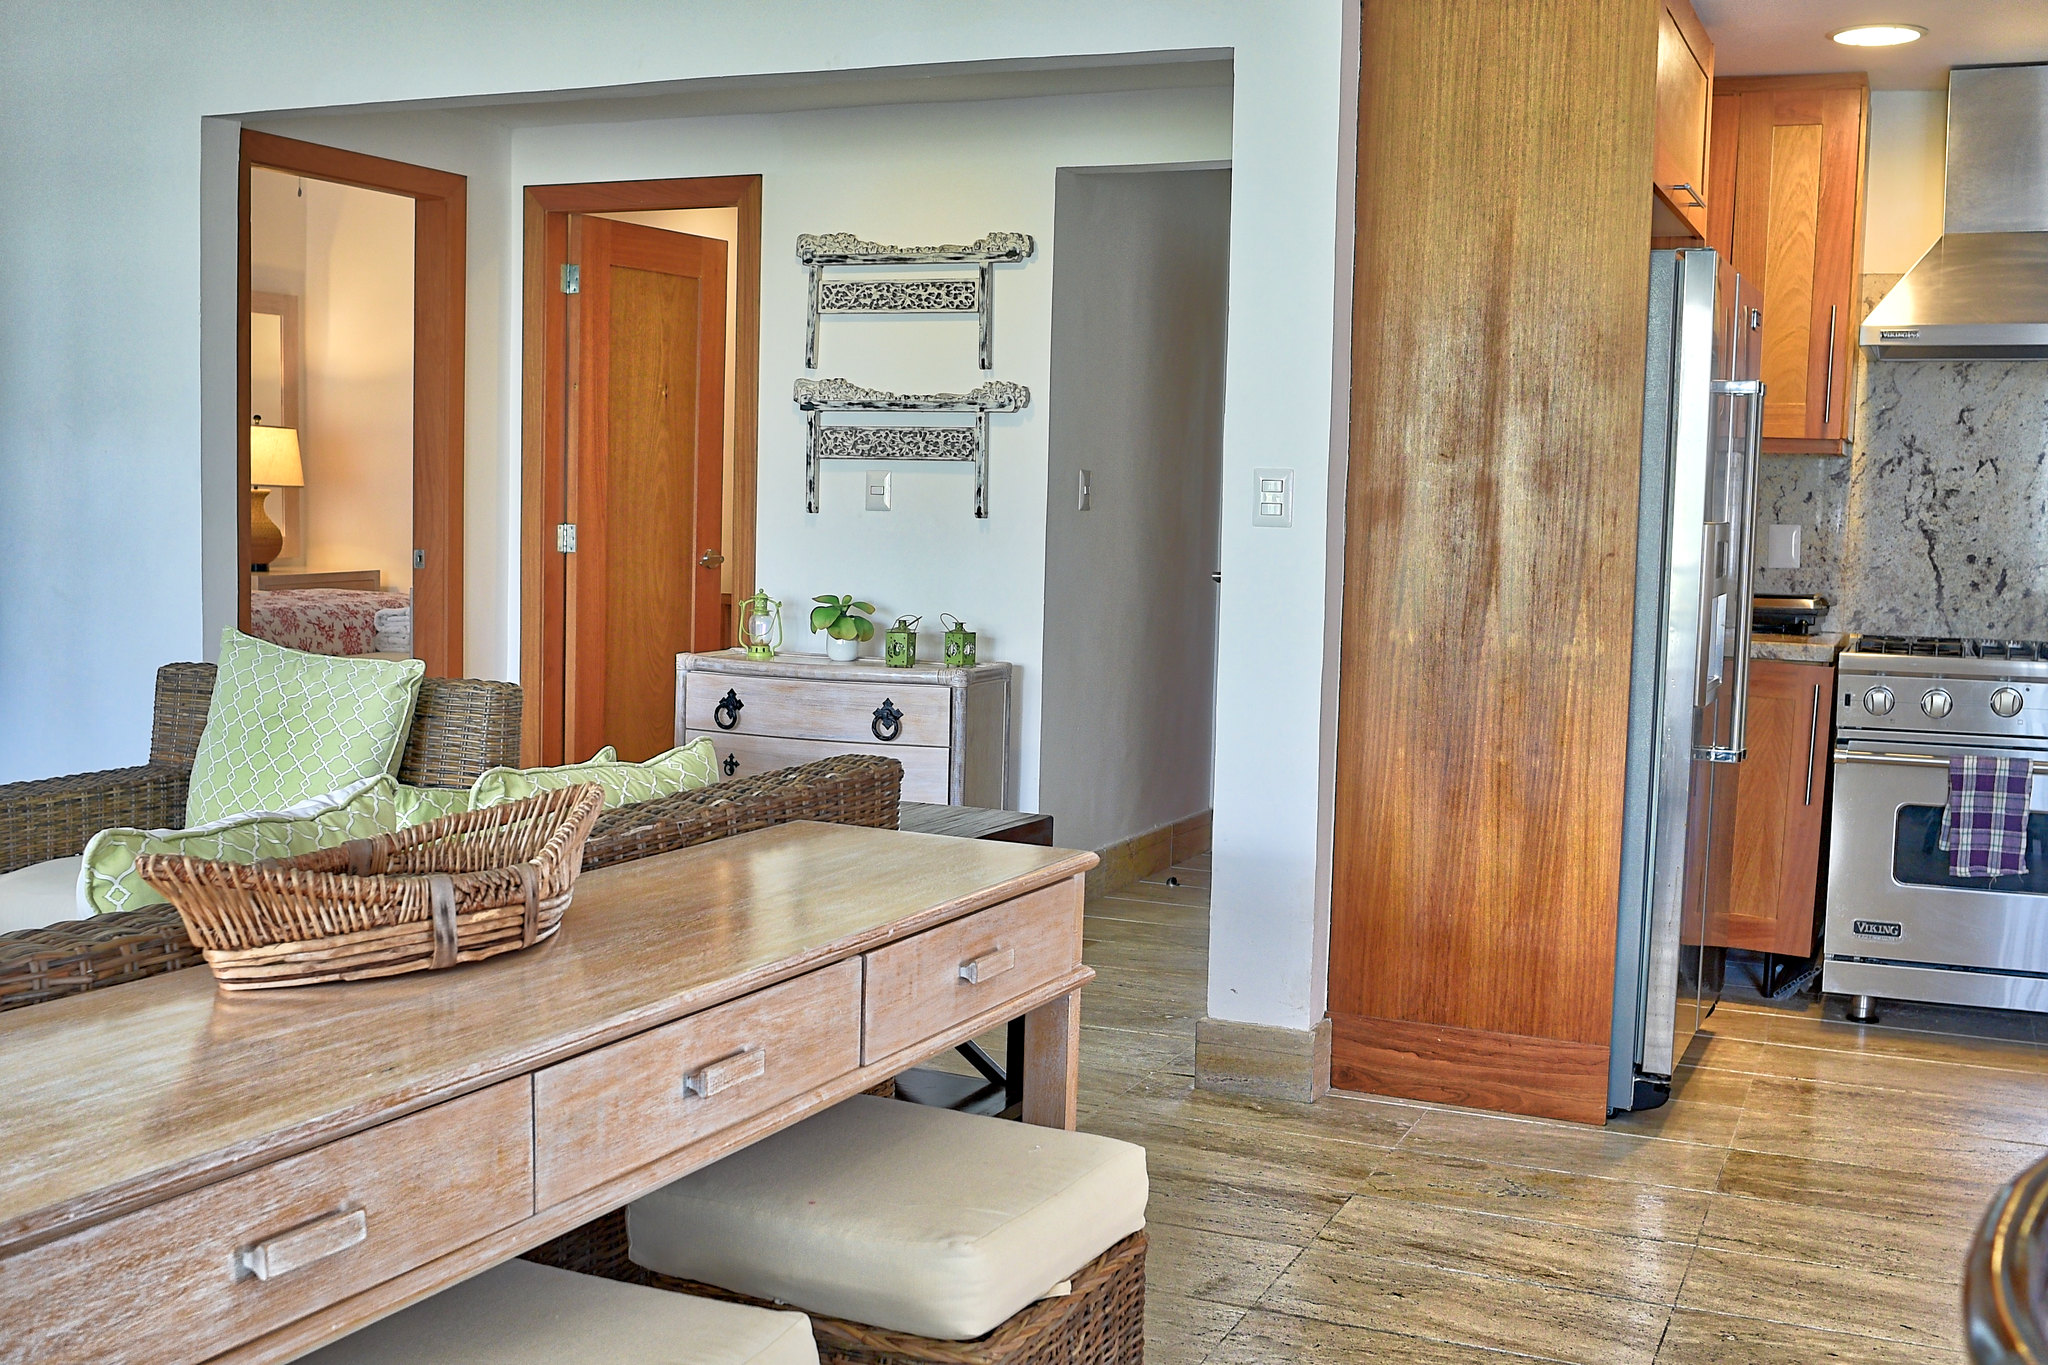 2 Bedroom Suites